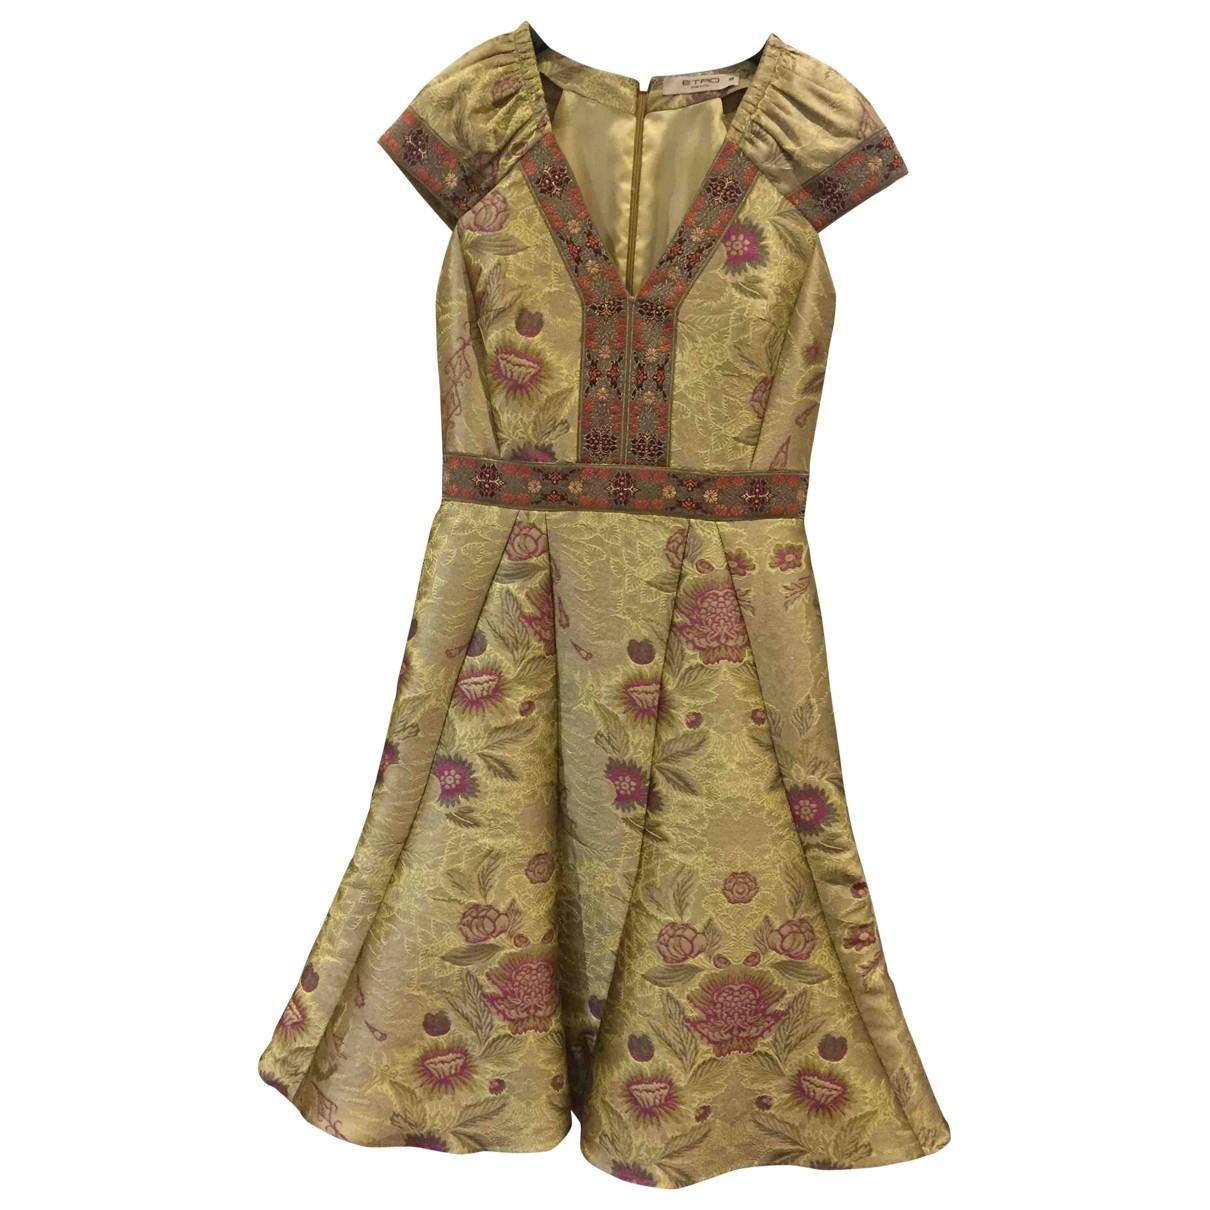 Etro \N Gold dress for Women 42 IT